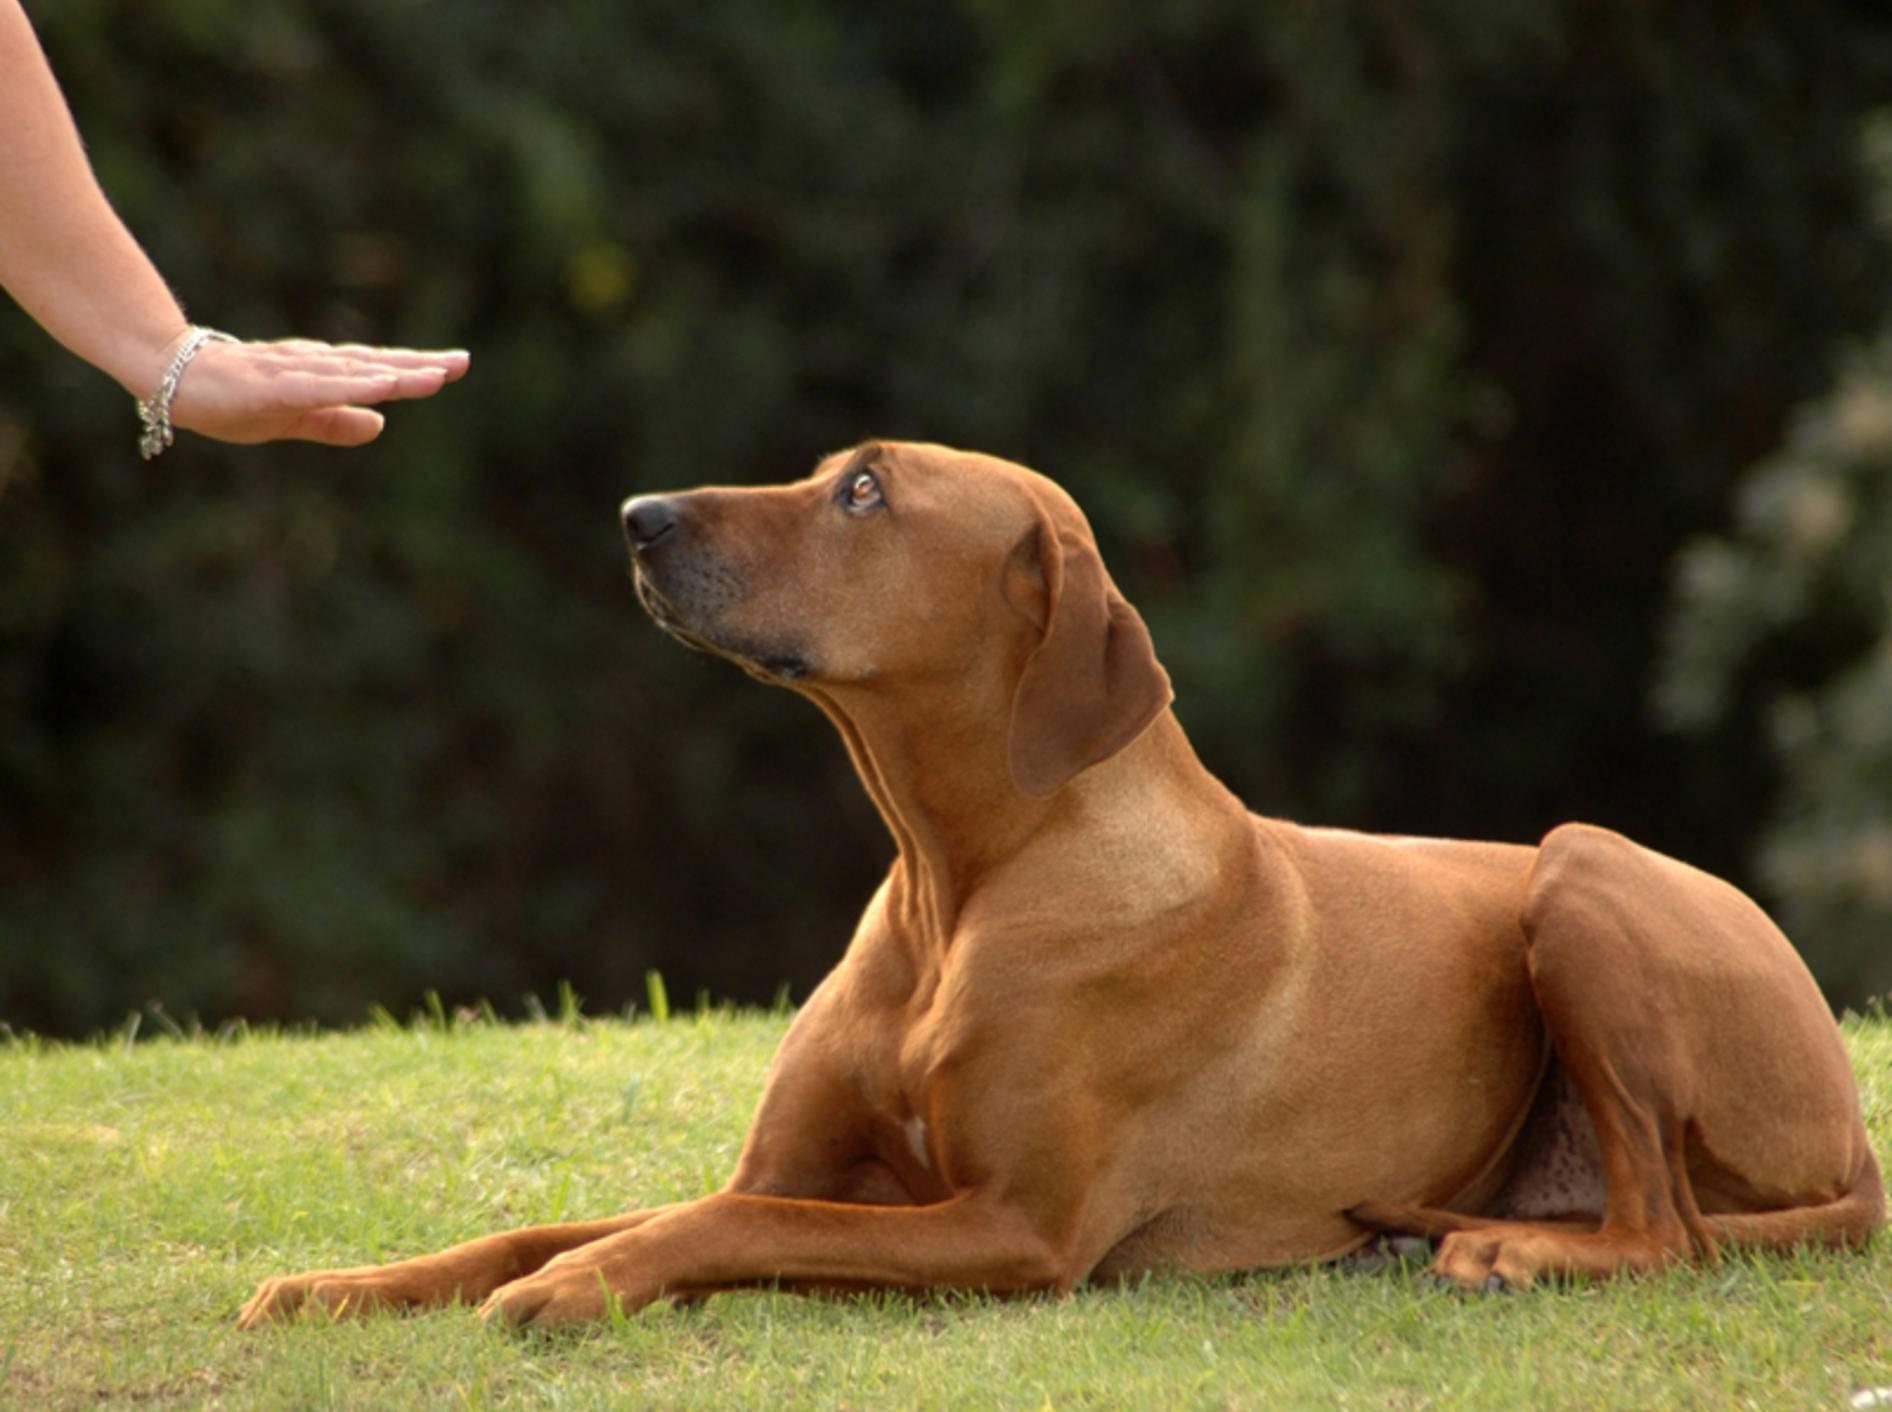 Dieser brave Hund versteht Frauchens Körpersprache – Bild: Shutterstock / Anke van Wyk